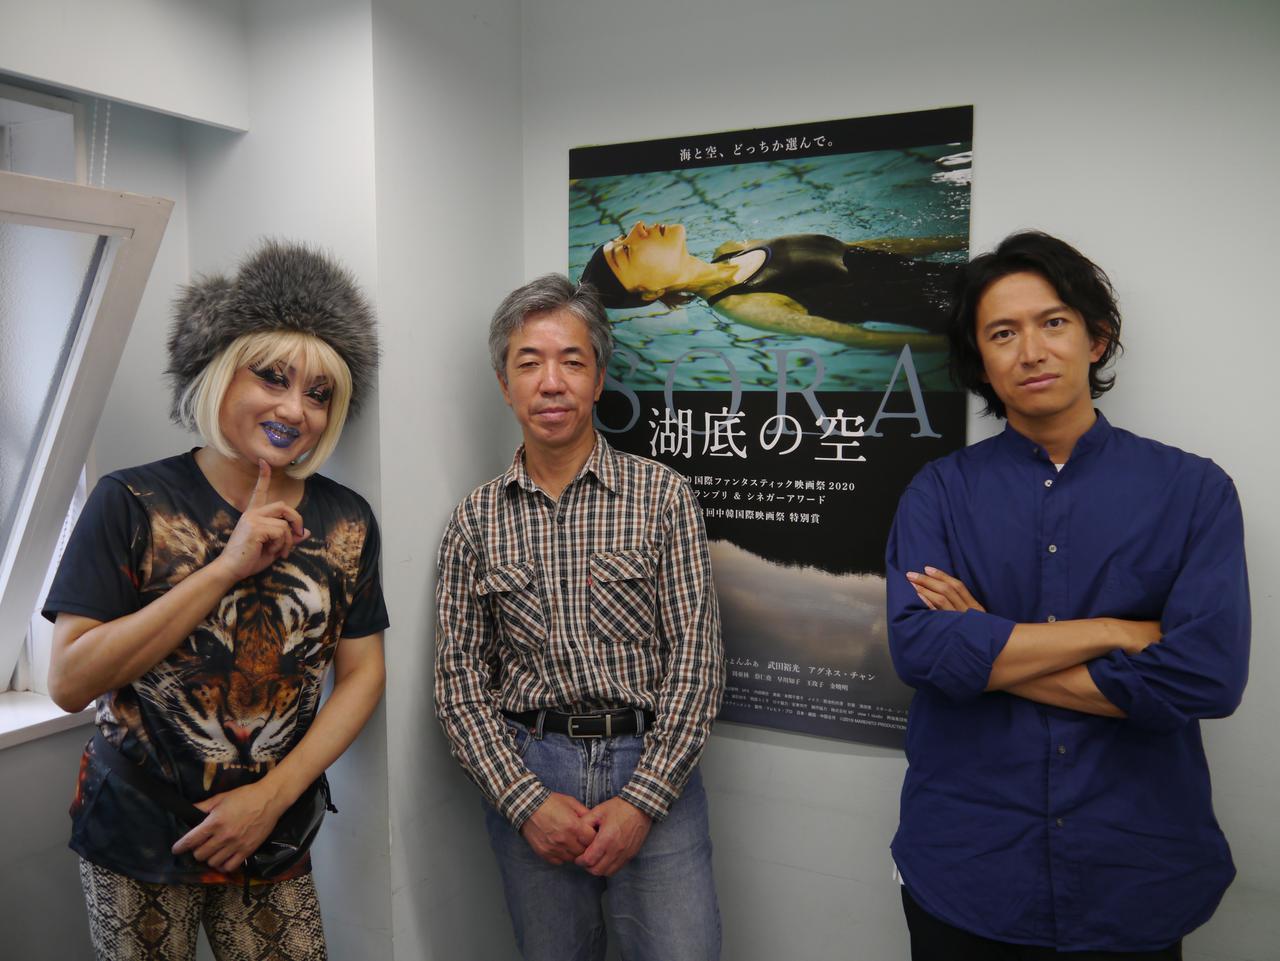 画像: 左より、ヴィヴィアン佐藤、佐藤智也監督、阿部力